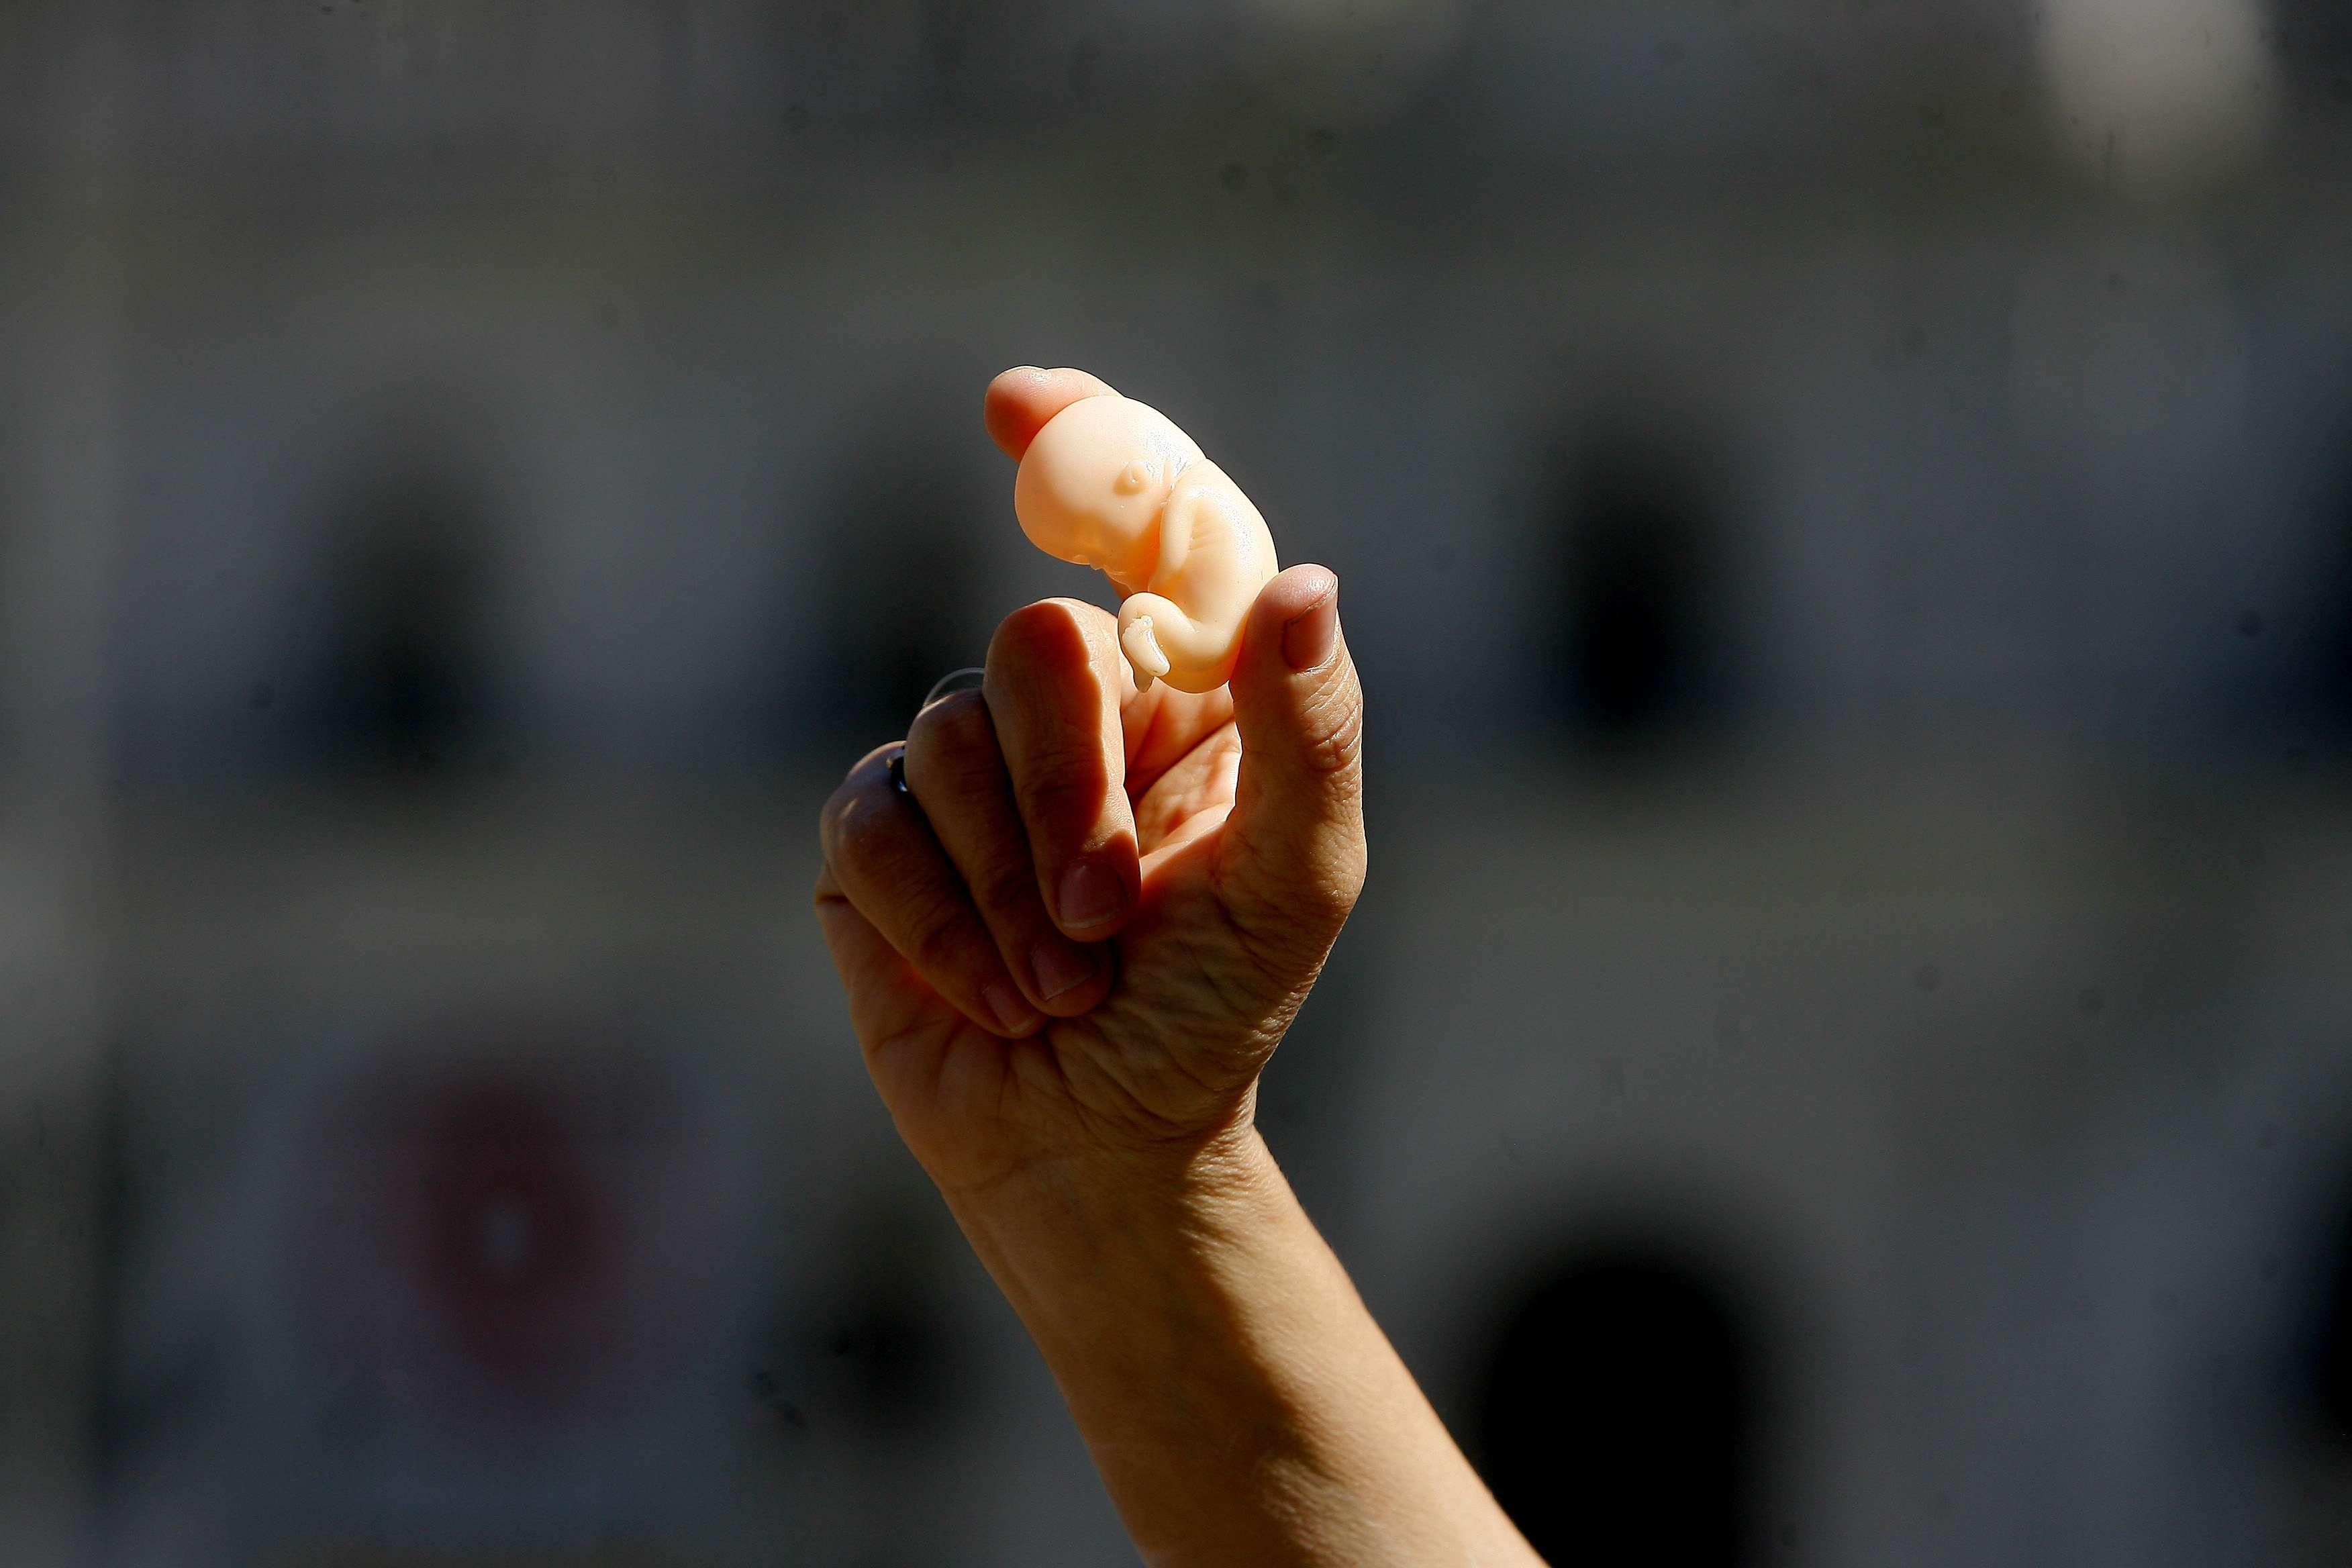 Una mujer del grupo Informaborto, sostiene una reproducción de un bebe durante una campaña frente al palacio de la Moneda, el 12 de Noviembre de 2014. Foto: Agencia UNO